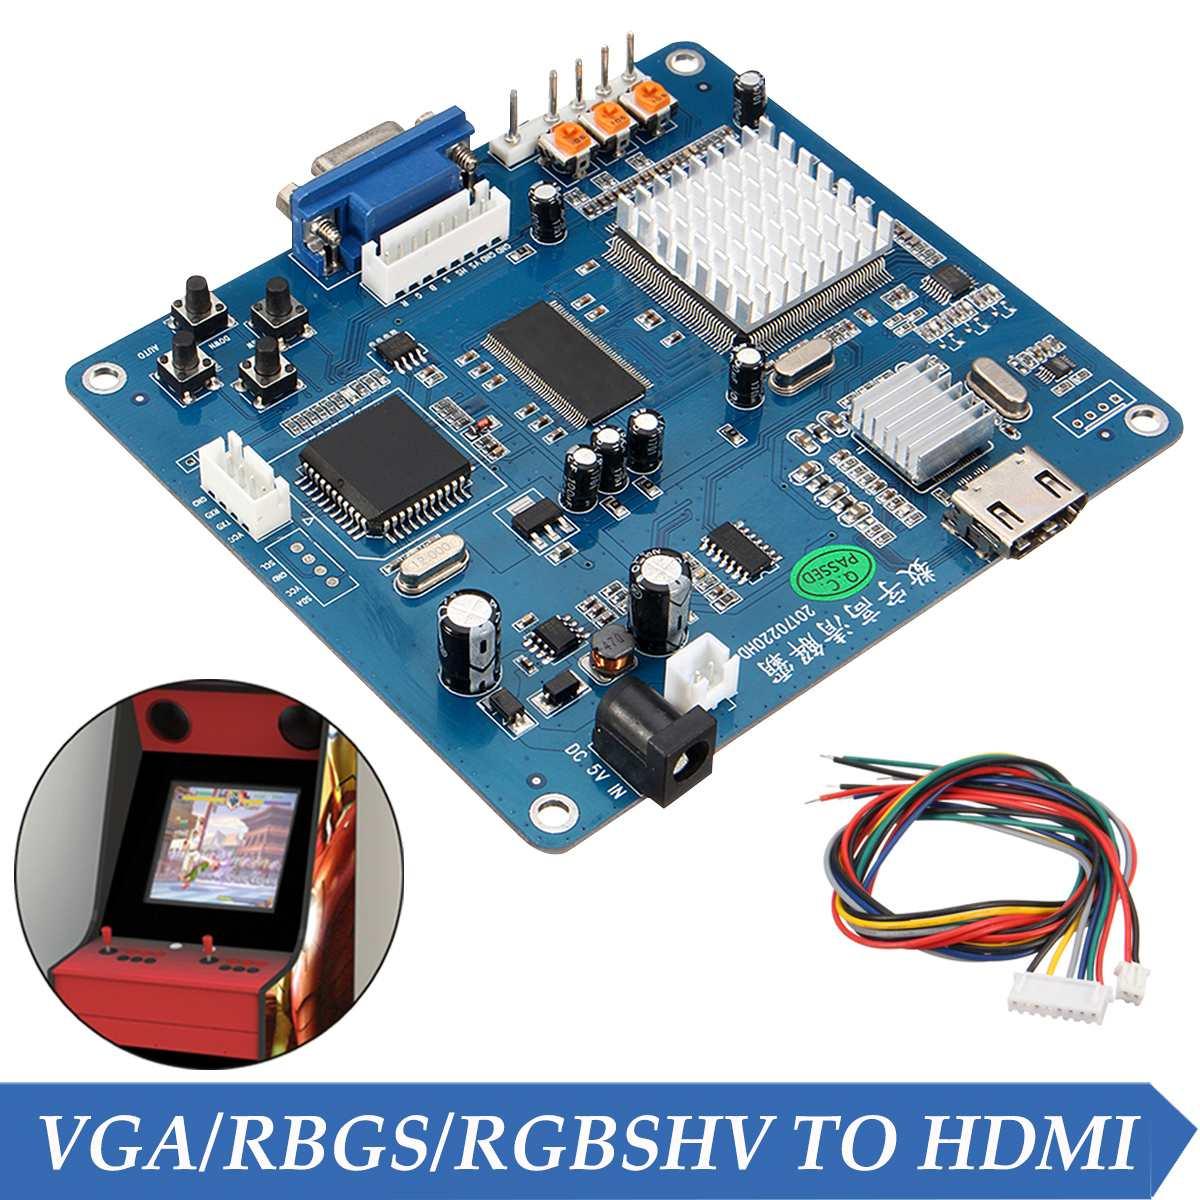 Convertisseur de carte de sortie vidéo de jeu d'arcade VGA/RGB/CGA/EGA/YUV vers HDMI HD/Jamma convertisseur de carte de sortie vidéo de Machine de jeu d'arcade